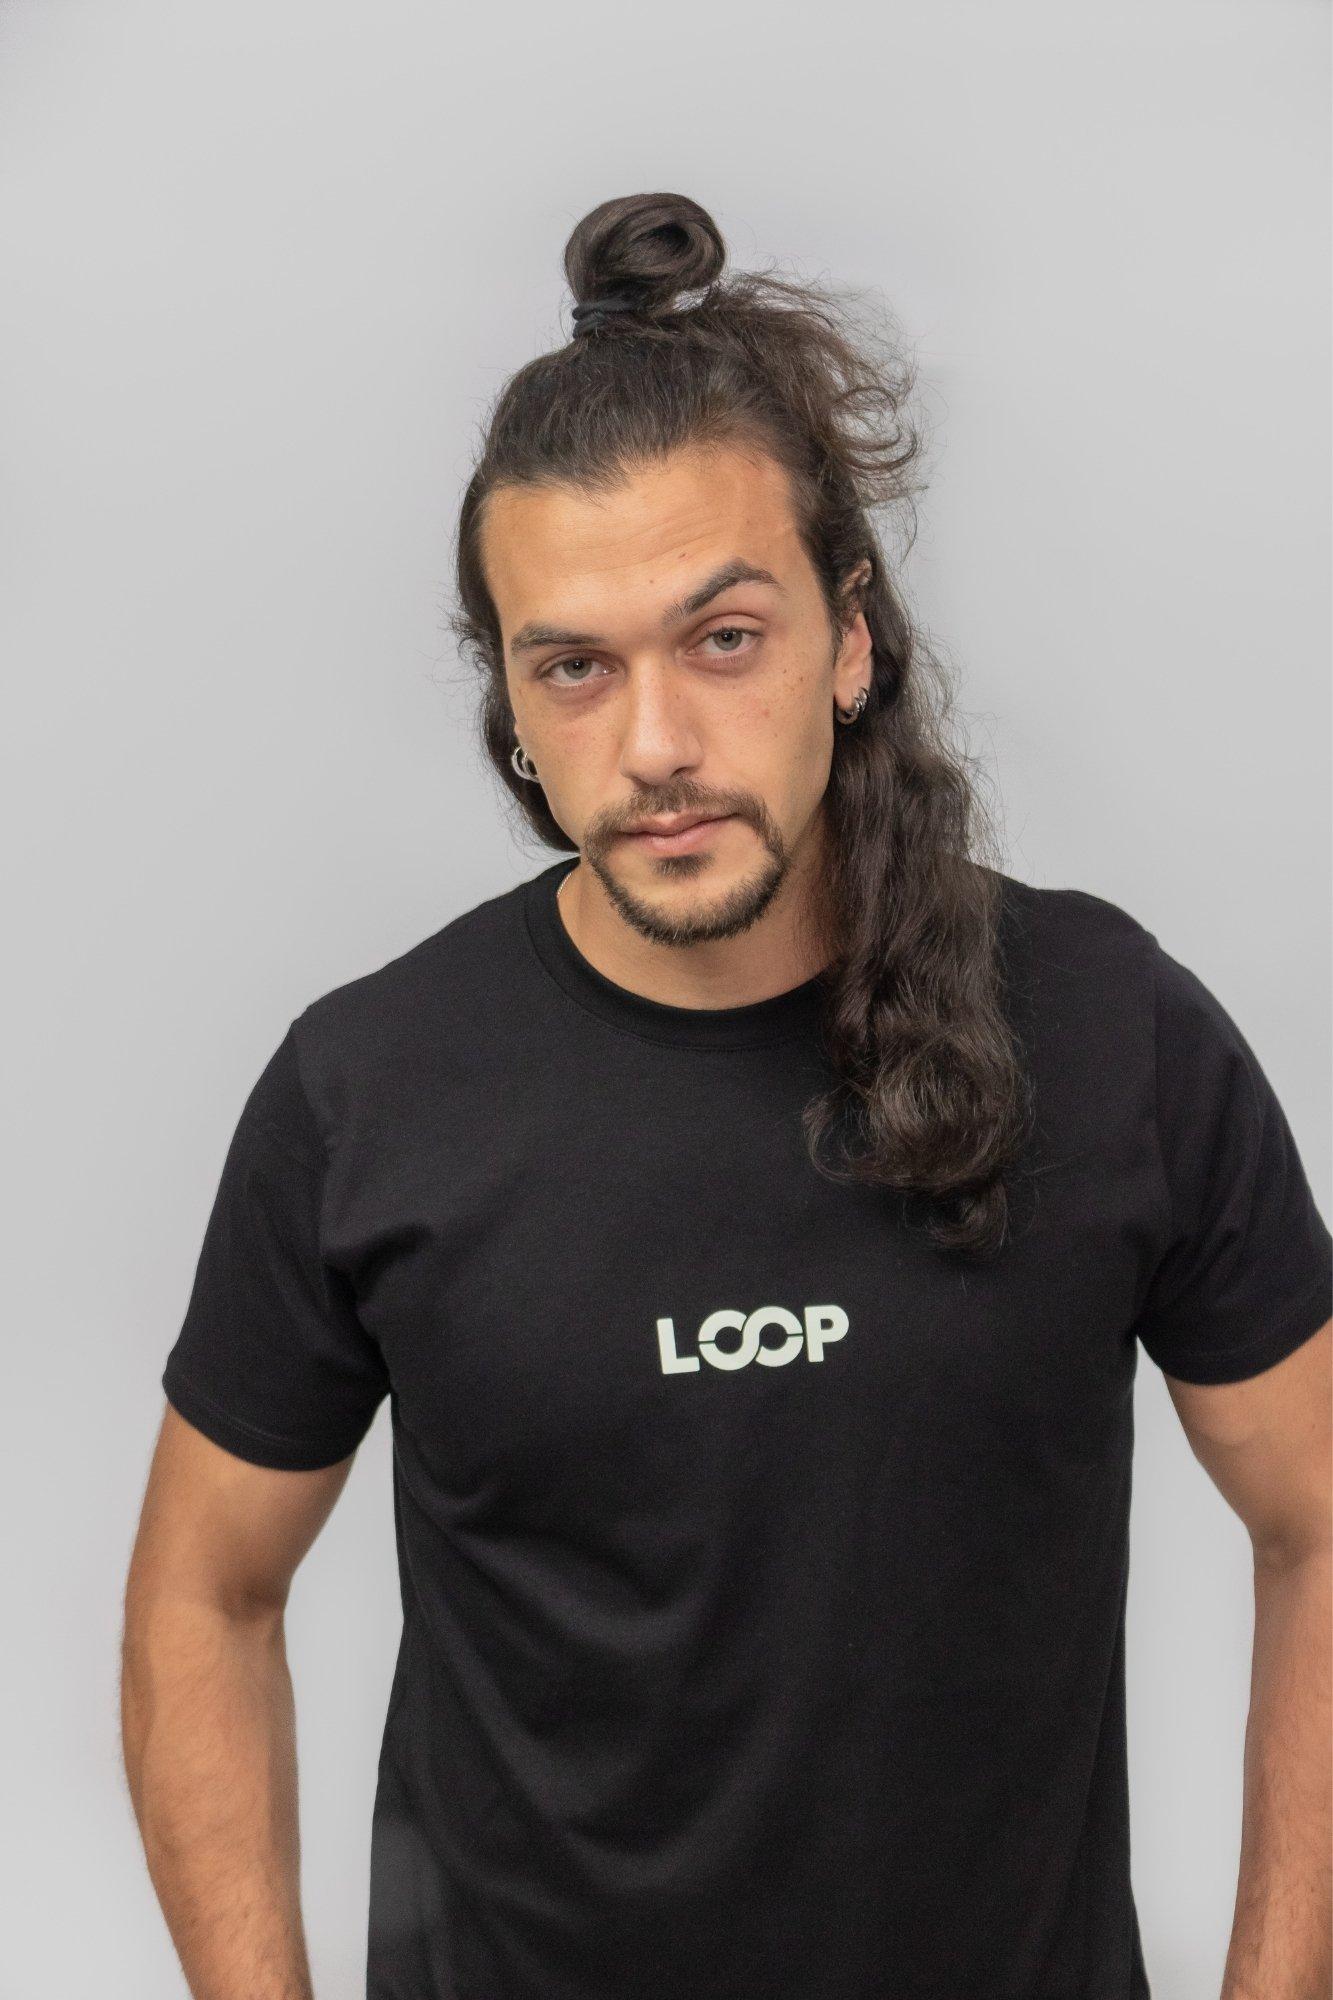 Camiseta LOOP